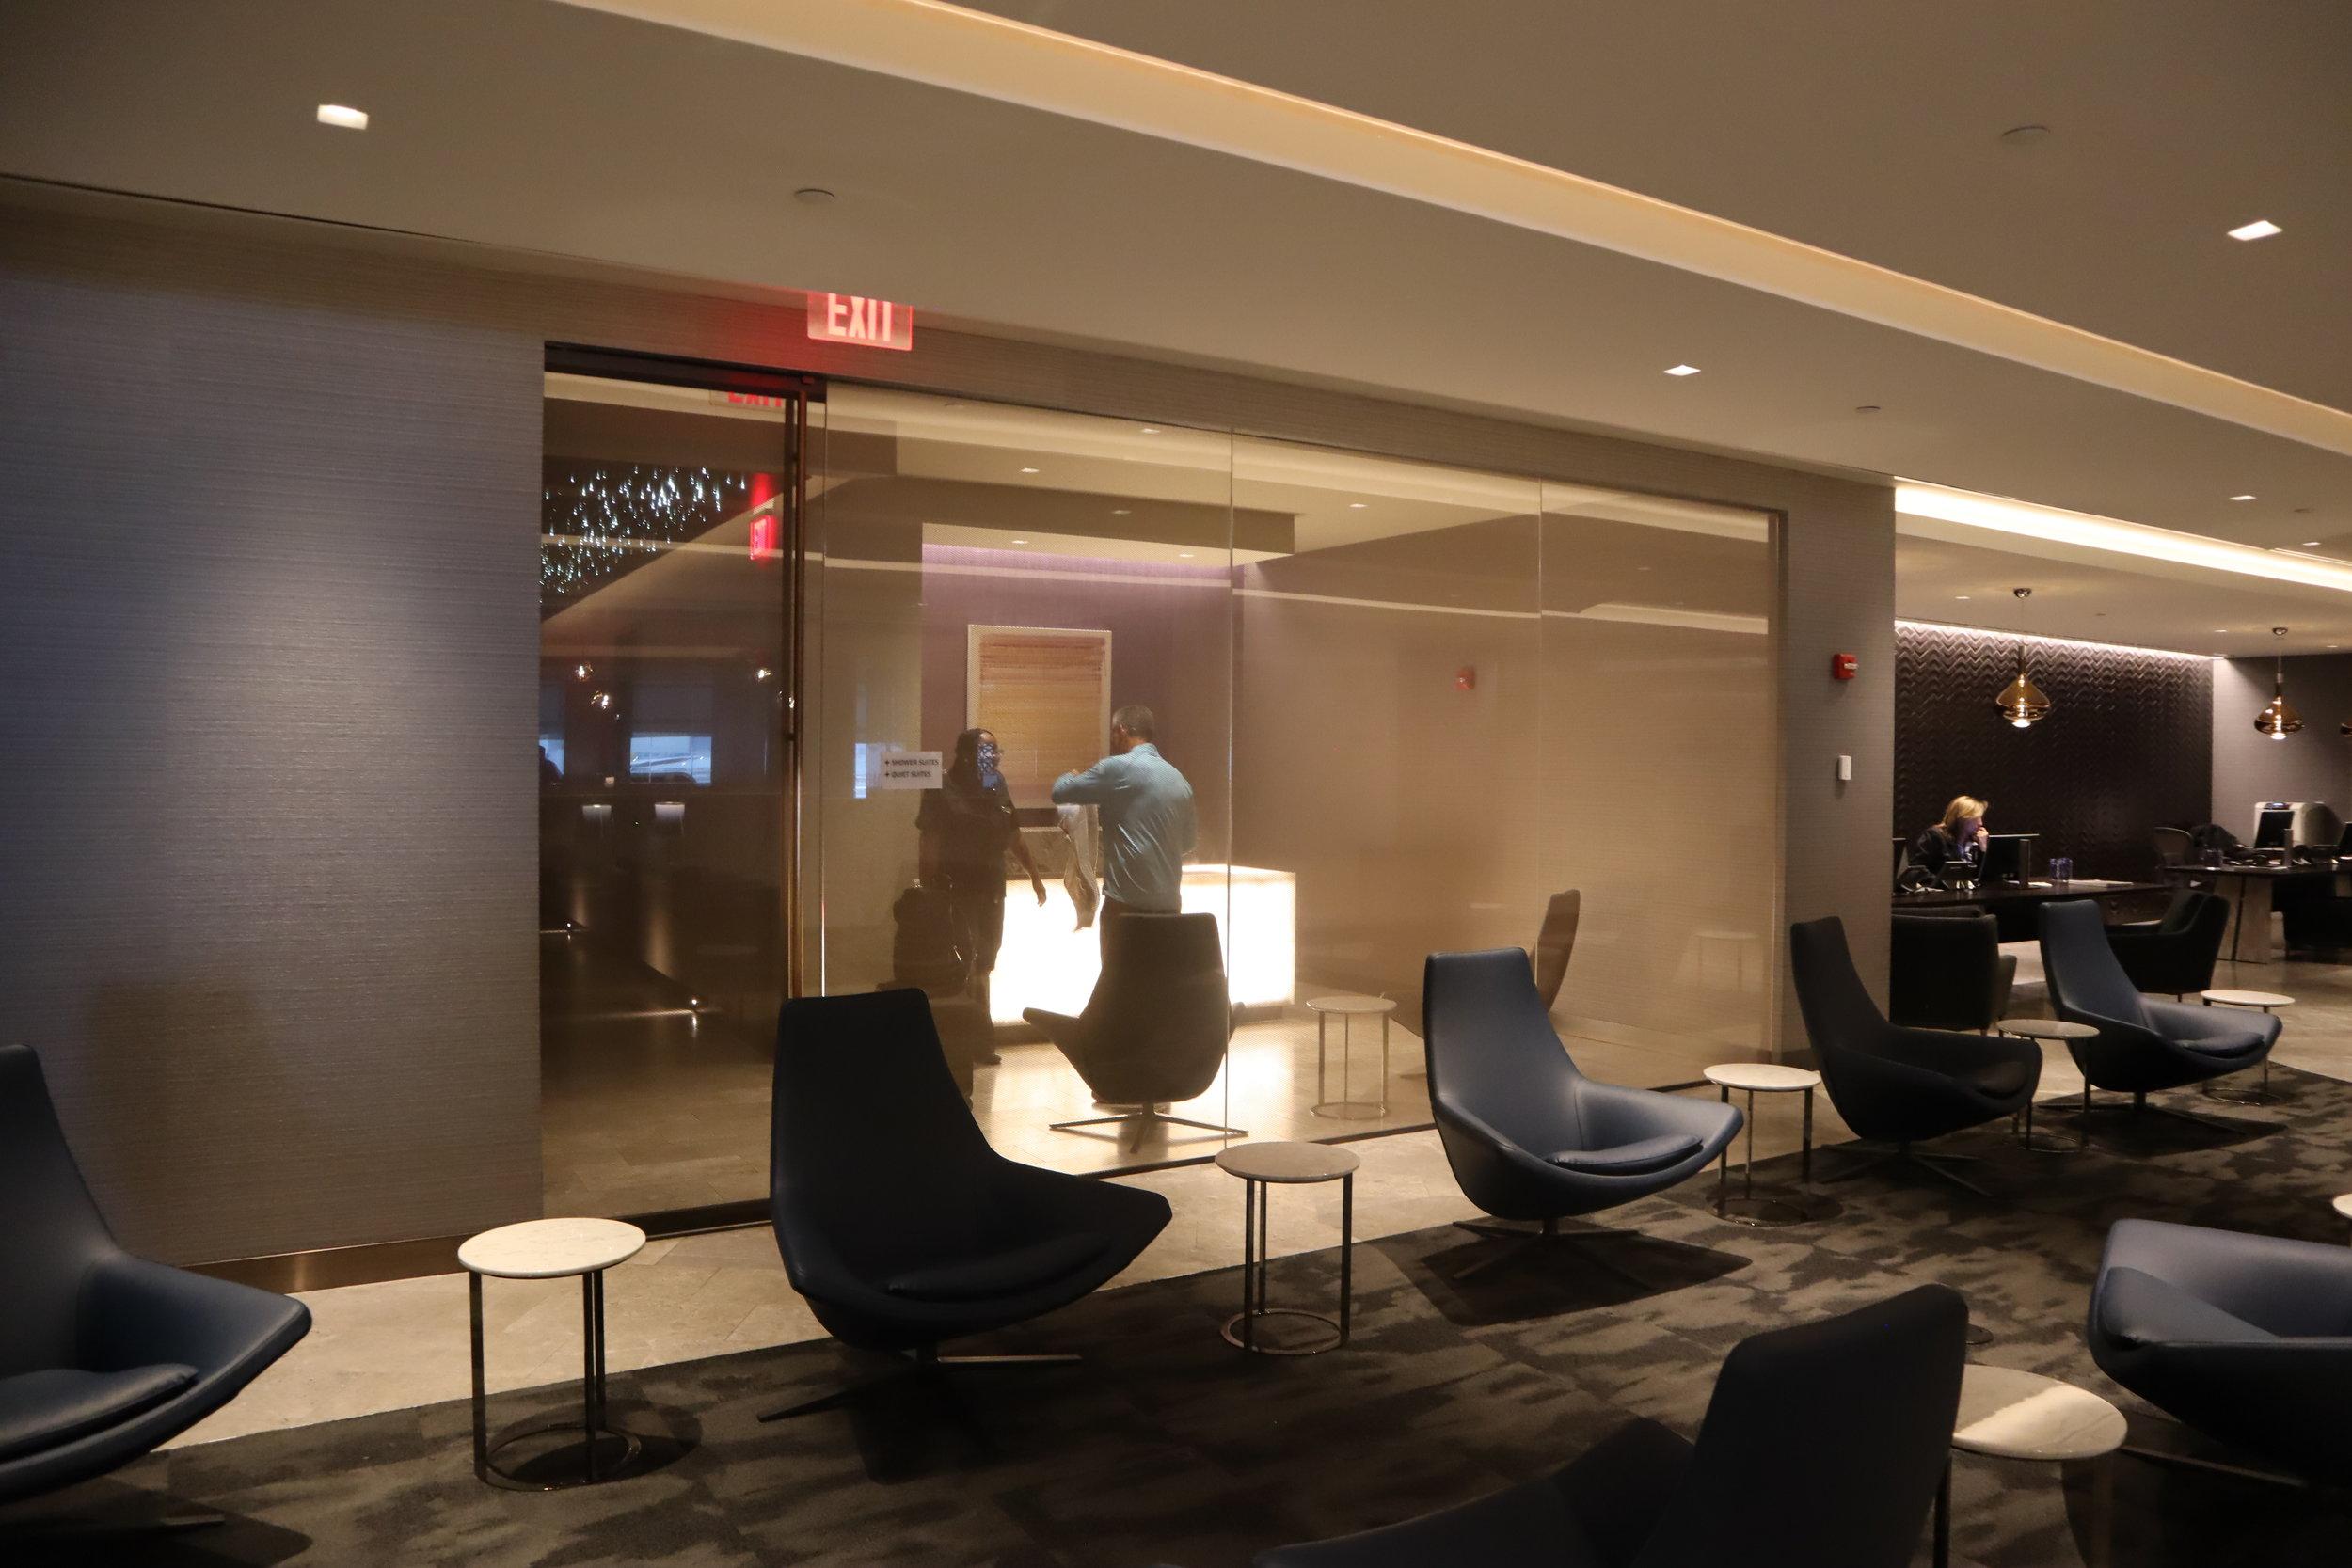 United Polaris Lounge Newark – Shower suites and quiet suites